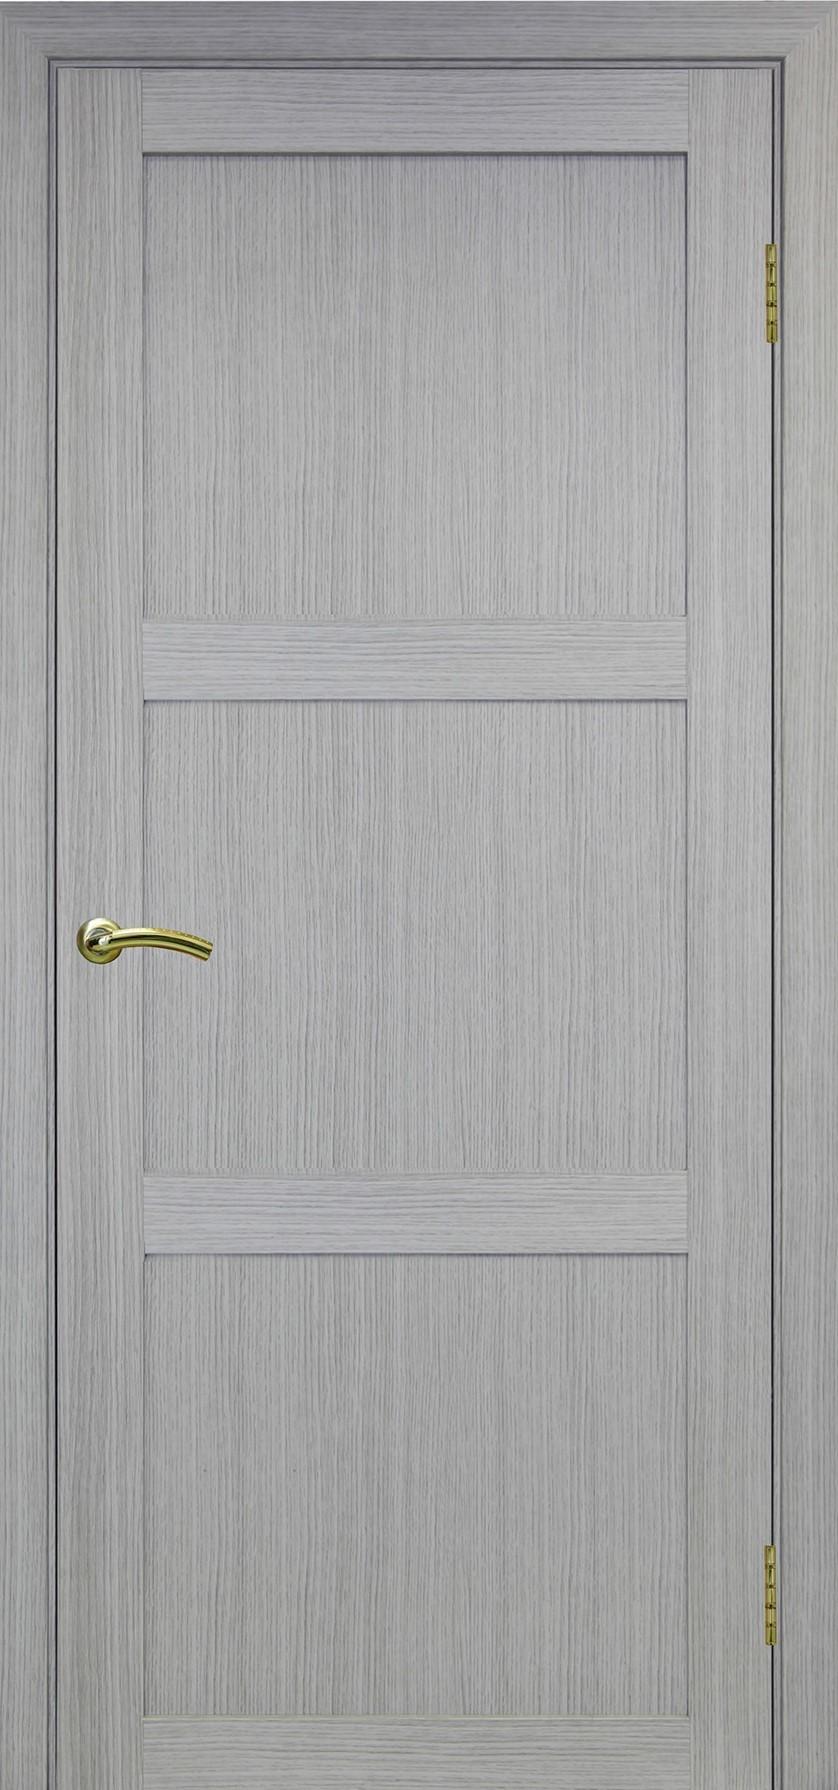 Турин 530 Дуб серый FL ЭКО-шпон Остекление №111 Щит МДФ, Двери OPTIMA PORTE